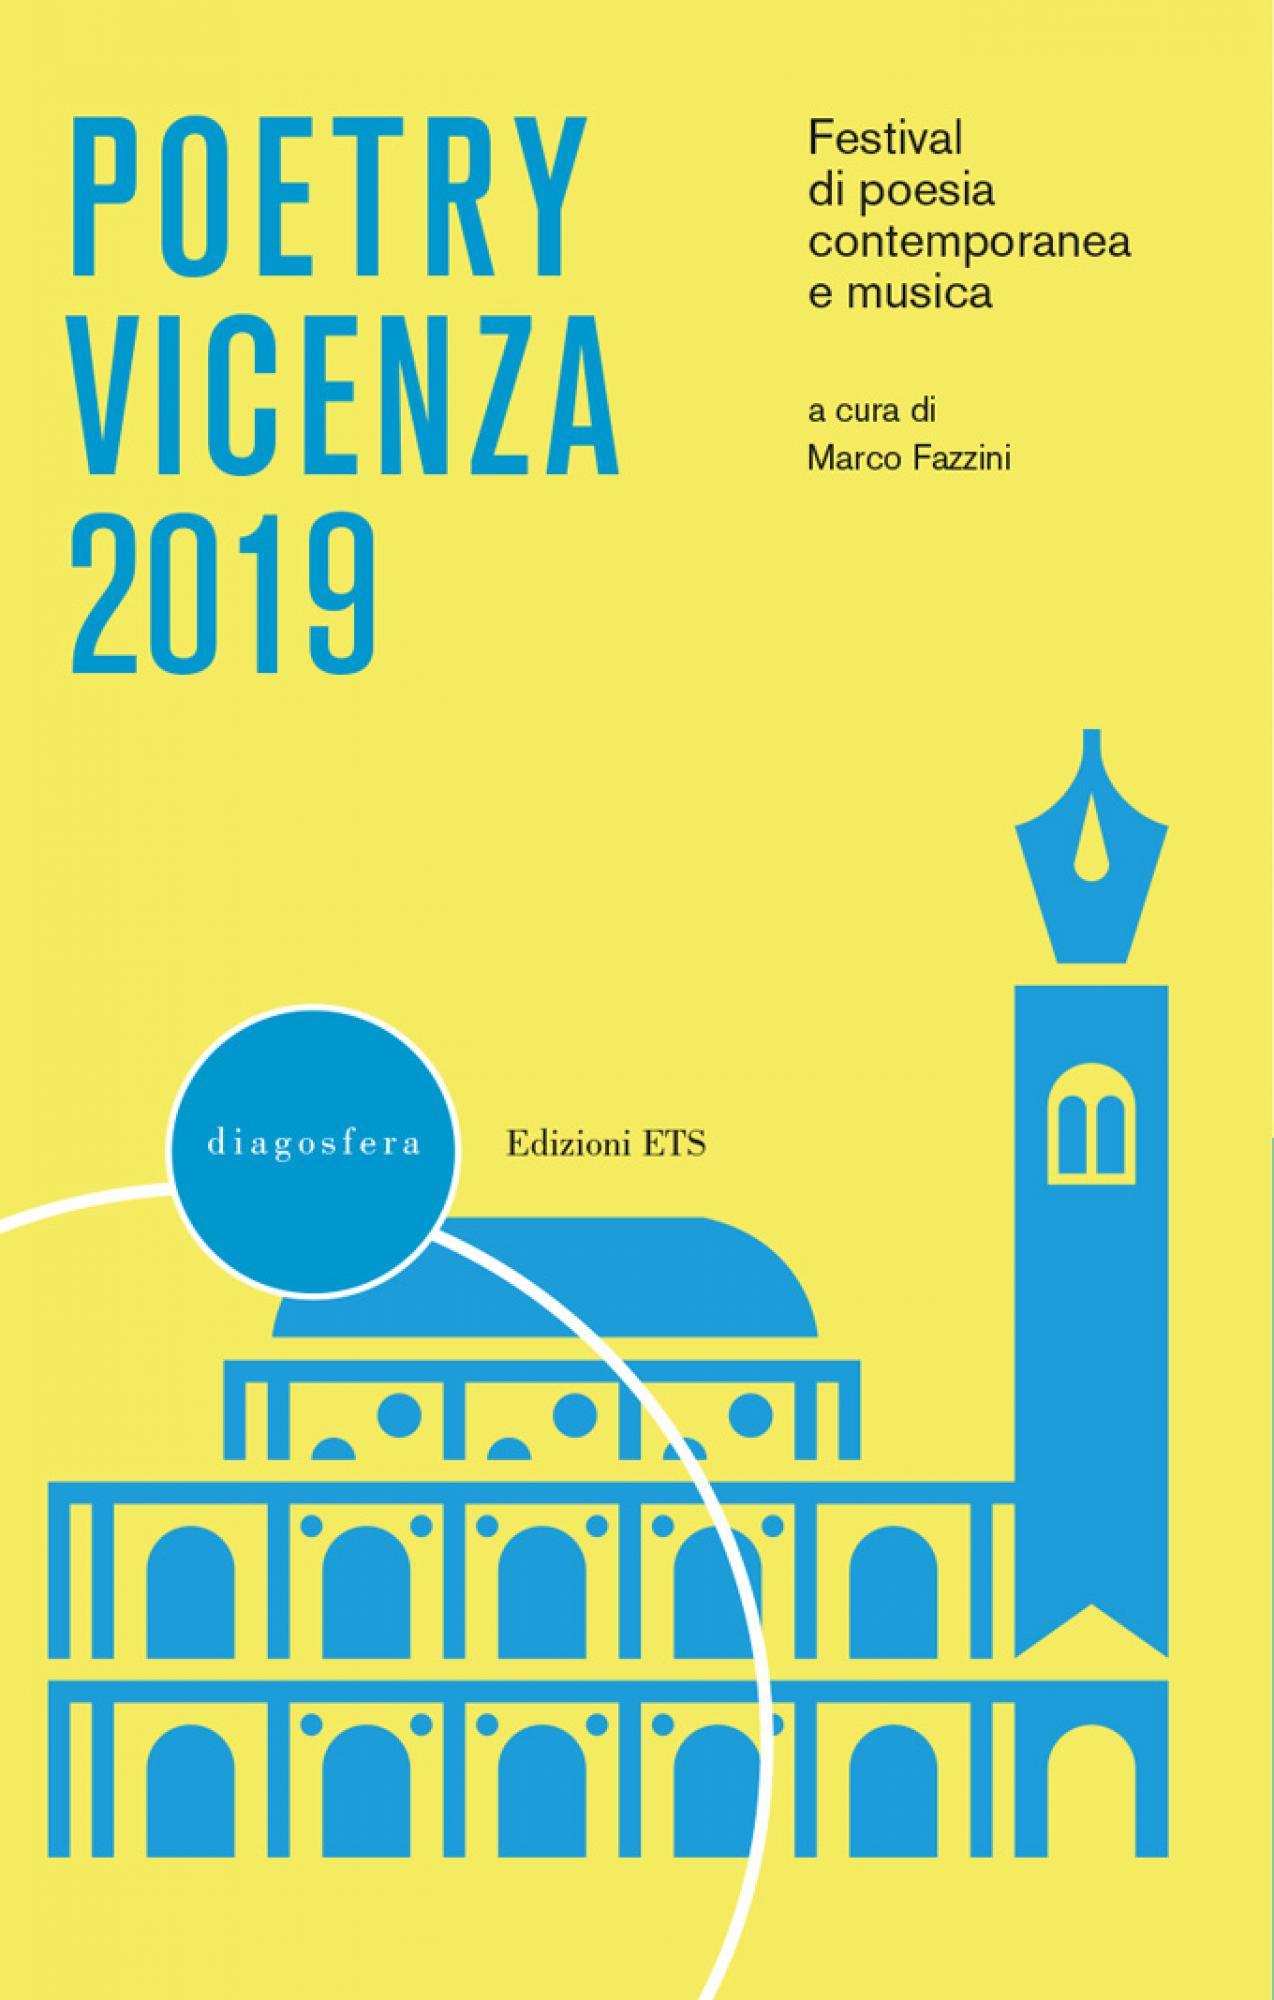 Poetry Vicenza 2019.Festival di poesia contemporanea e musica